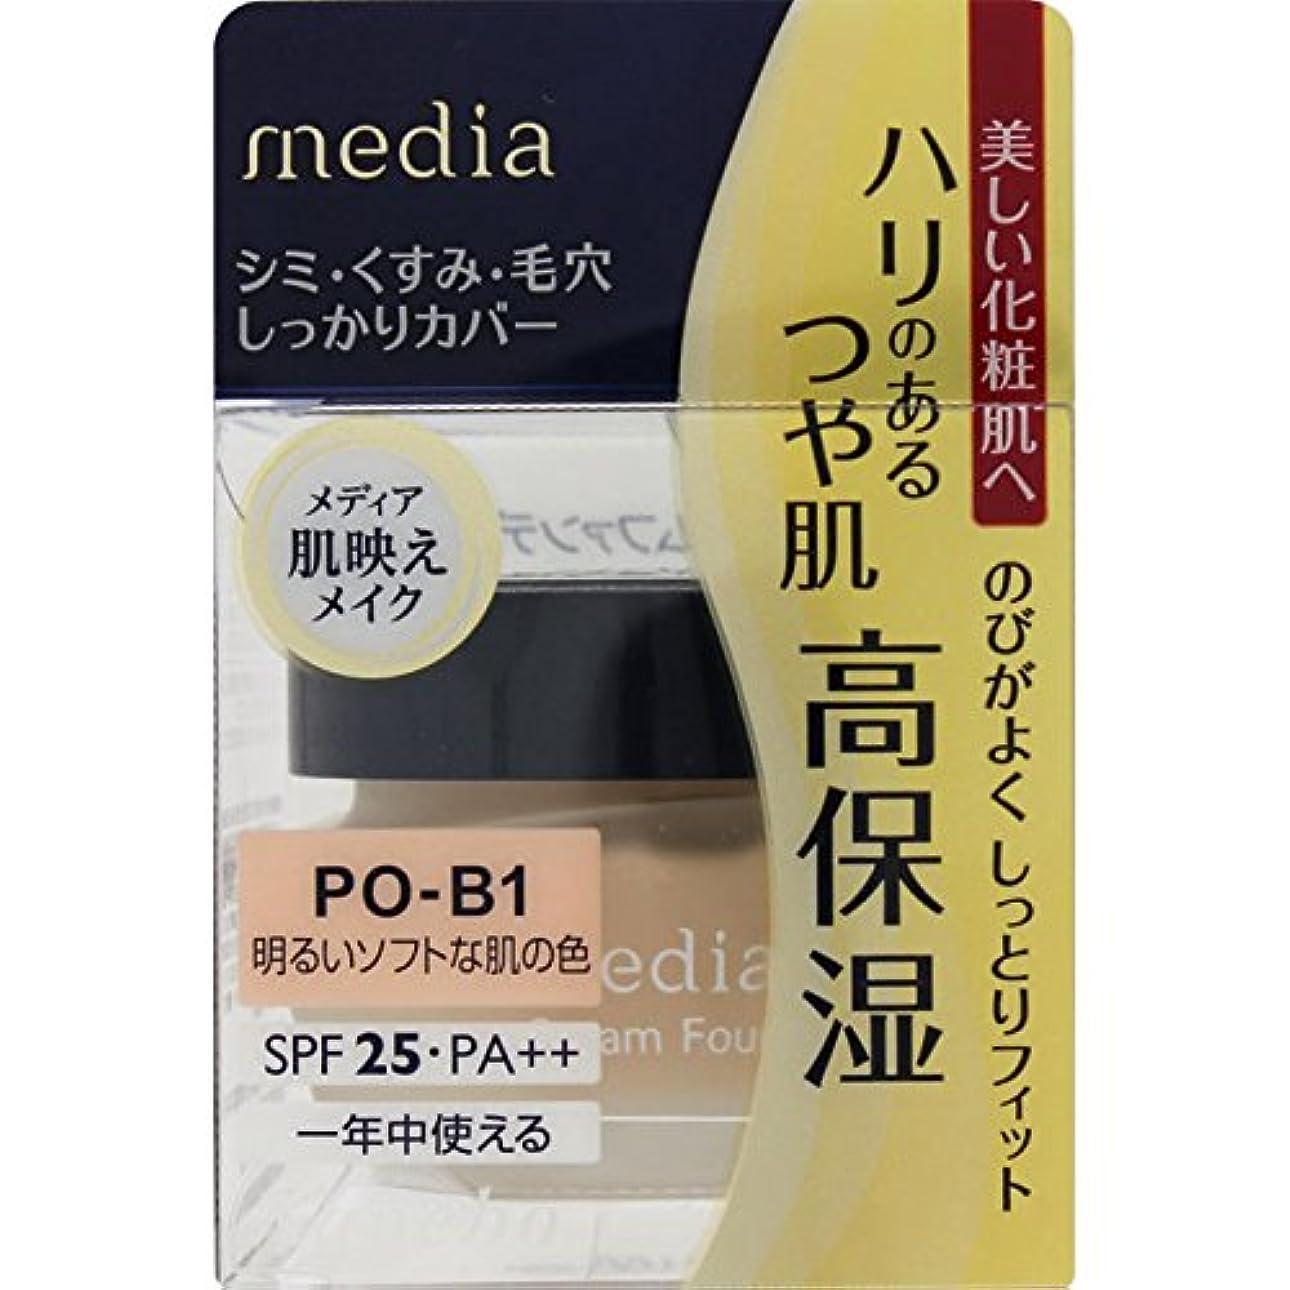 少し雑草壁紙カネボウ化粧品 メディア クリームファンデーション 明るいソフトな肌の色 POーB1